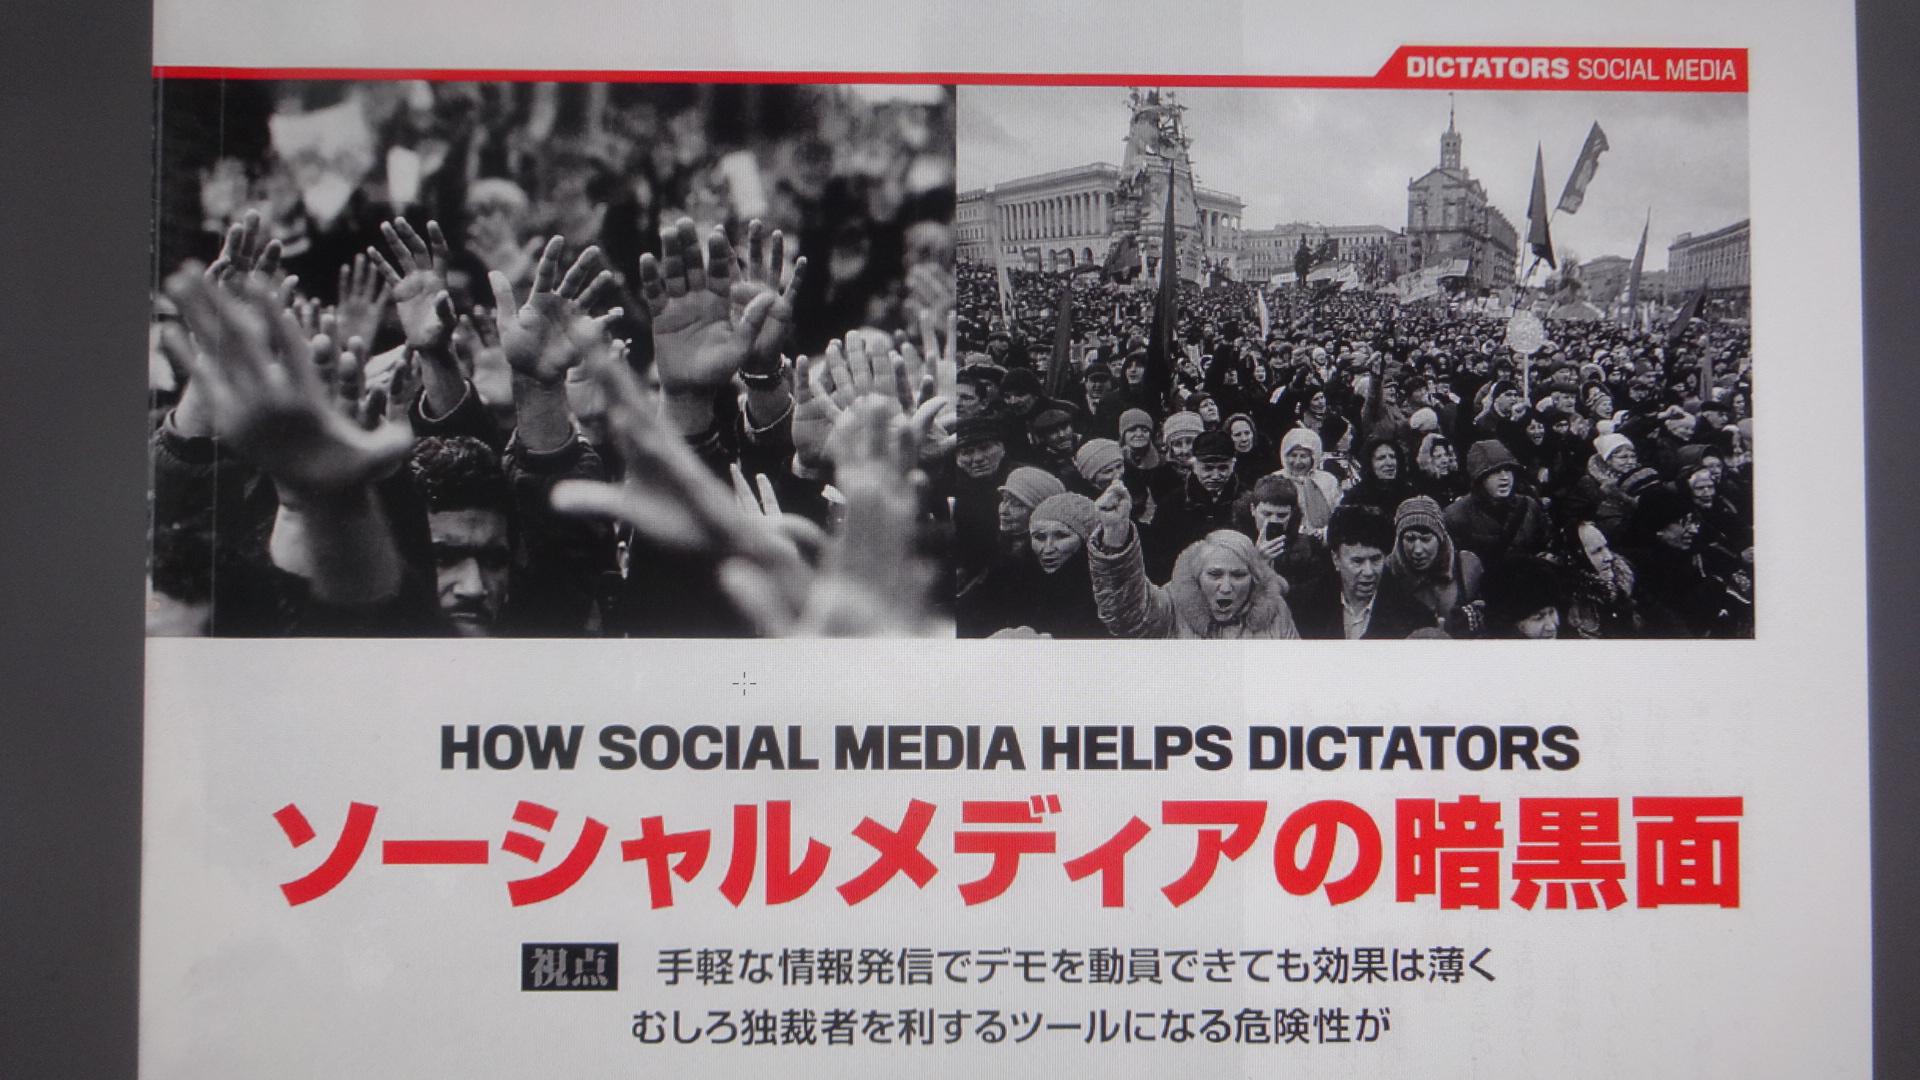 ソーシャルメディアの暗黒面!というタイトルの記事